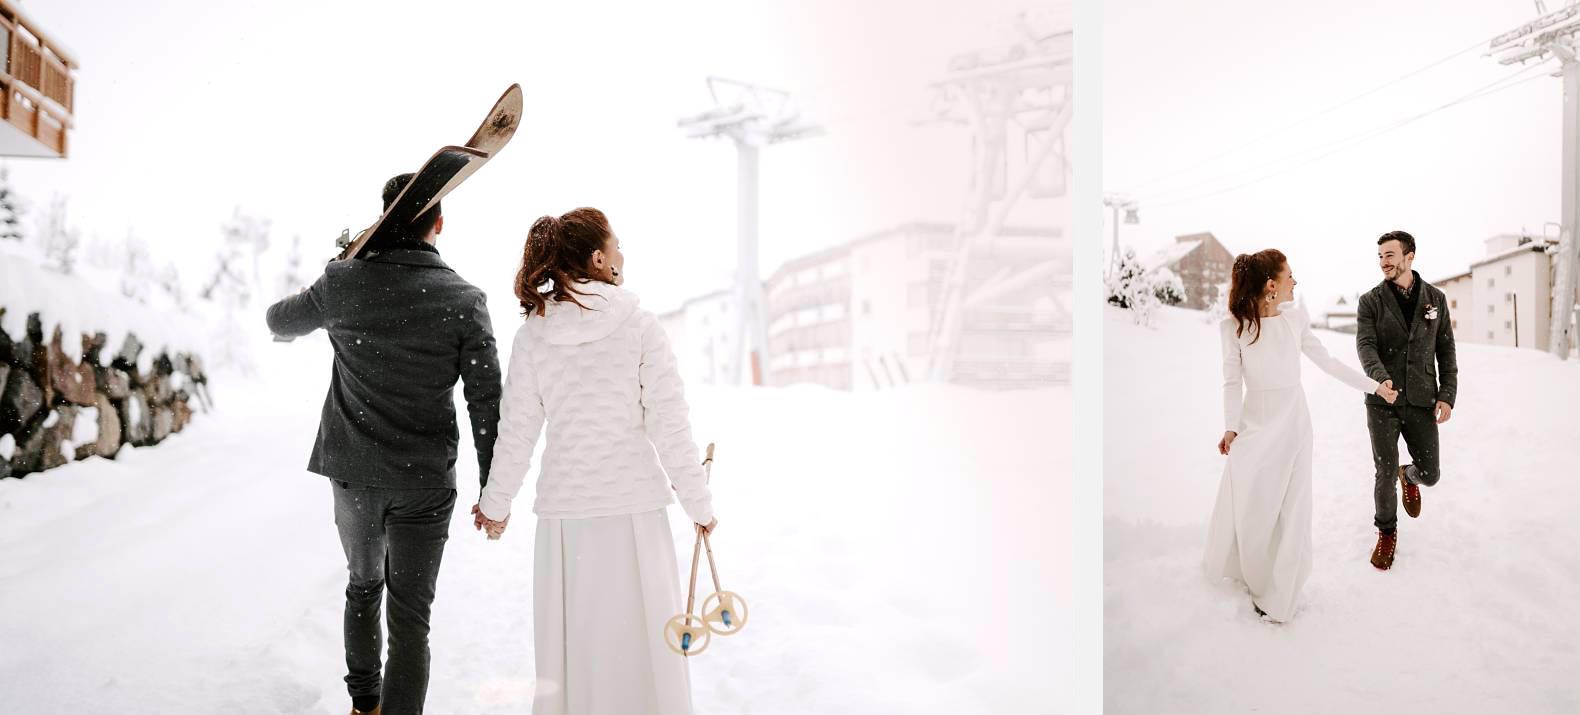 mariage hiver alpes huez isere hotel grandes rousses photographe bel esprit 0037